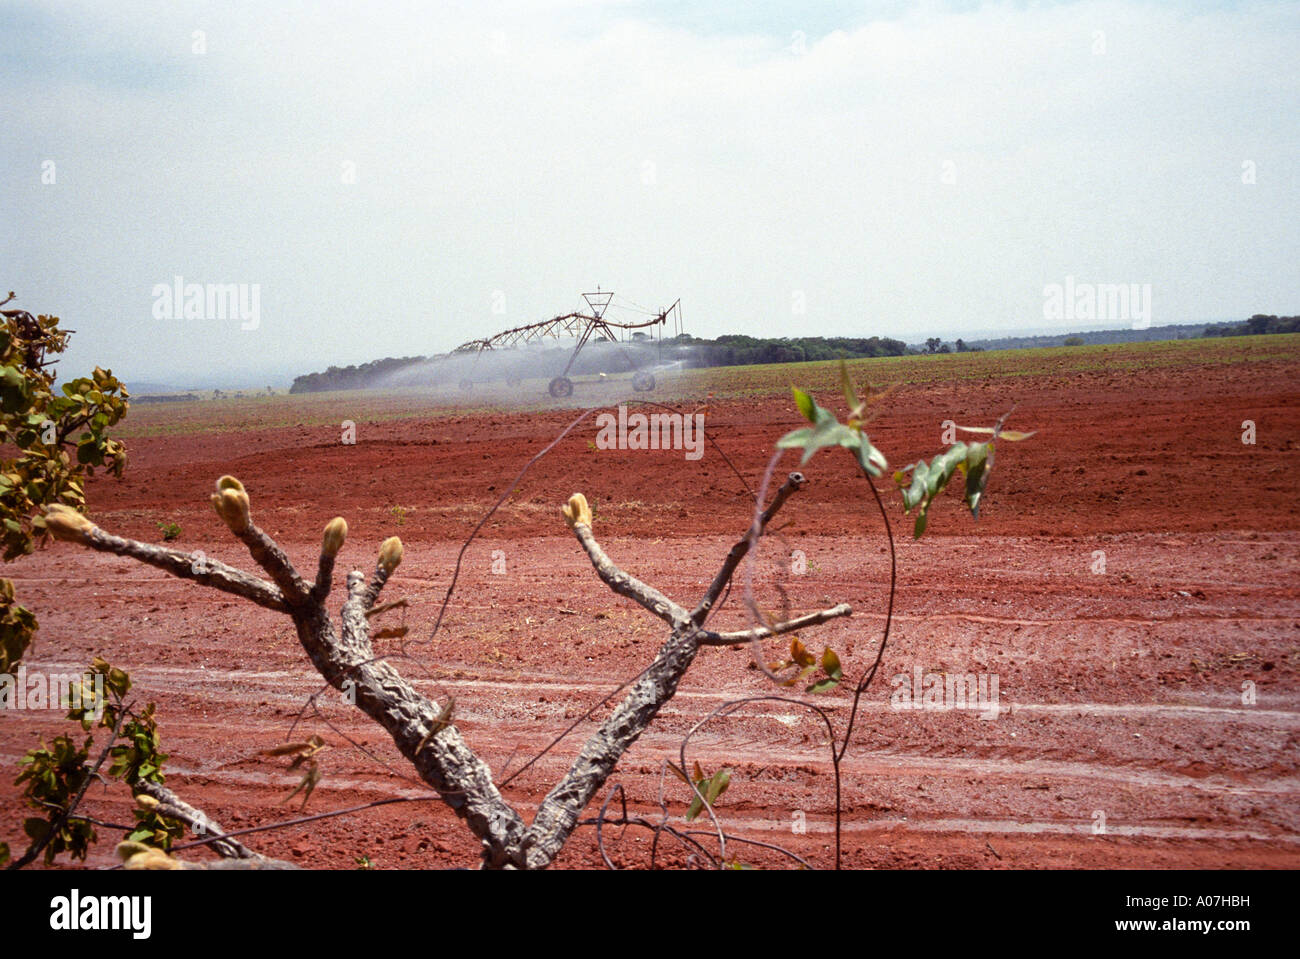 Irrigation of sugarcane plantation in a former cerrado vegetation area - Stock Image